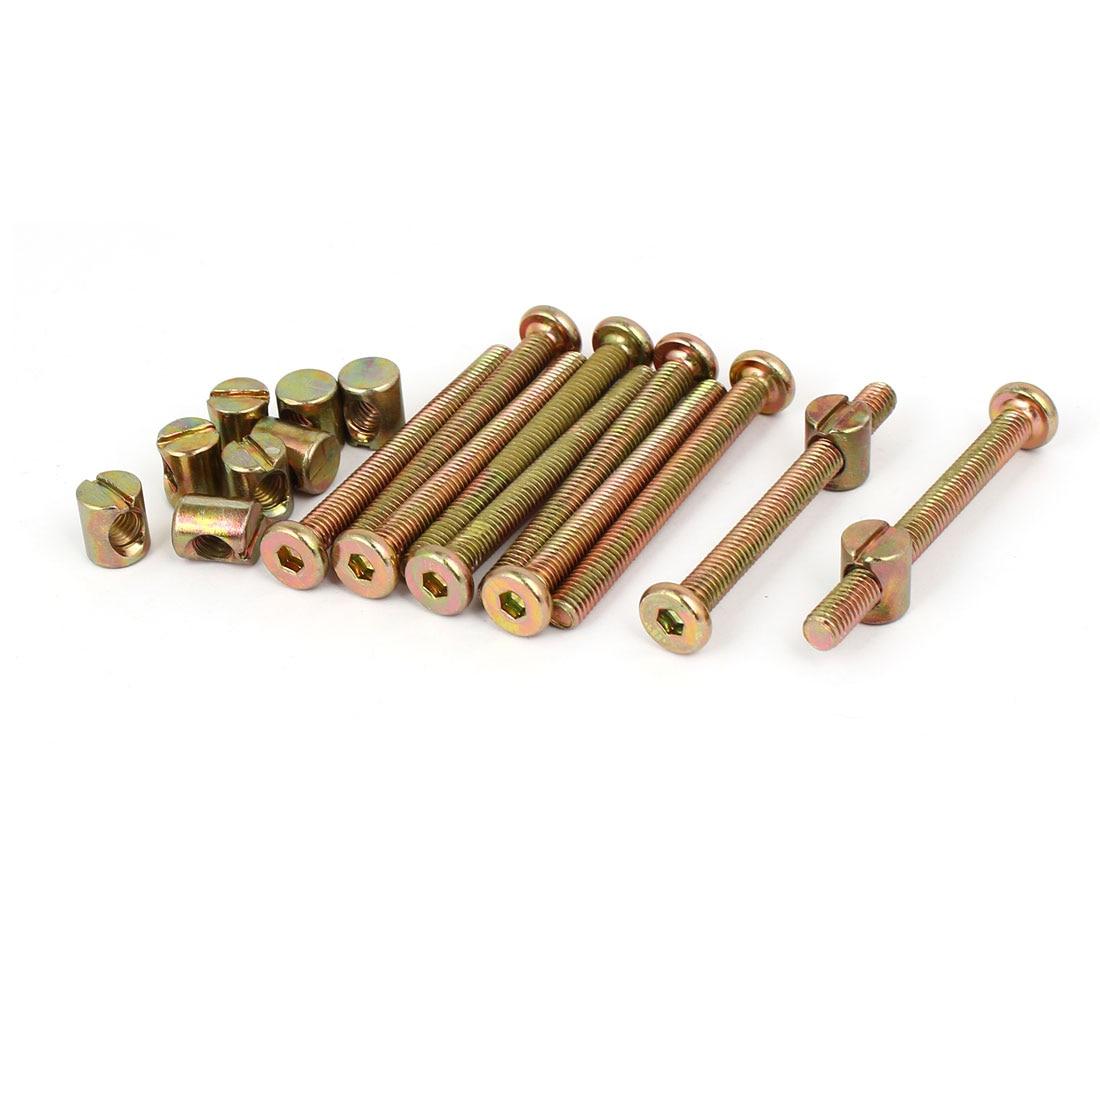 UXCELL 10 Conjunto M6x60 mm Cap Hex Chave Soquete da Movimentação de Móveis Porca Barril Bolt W M6x12mm Para Unir Placas de Madeira Bancadas de Cozinha